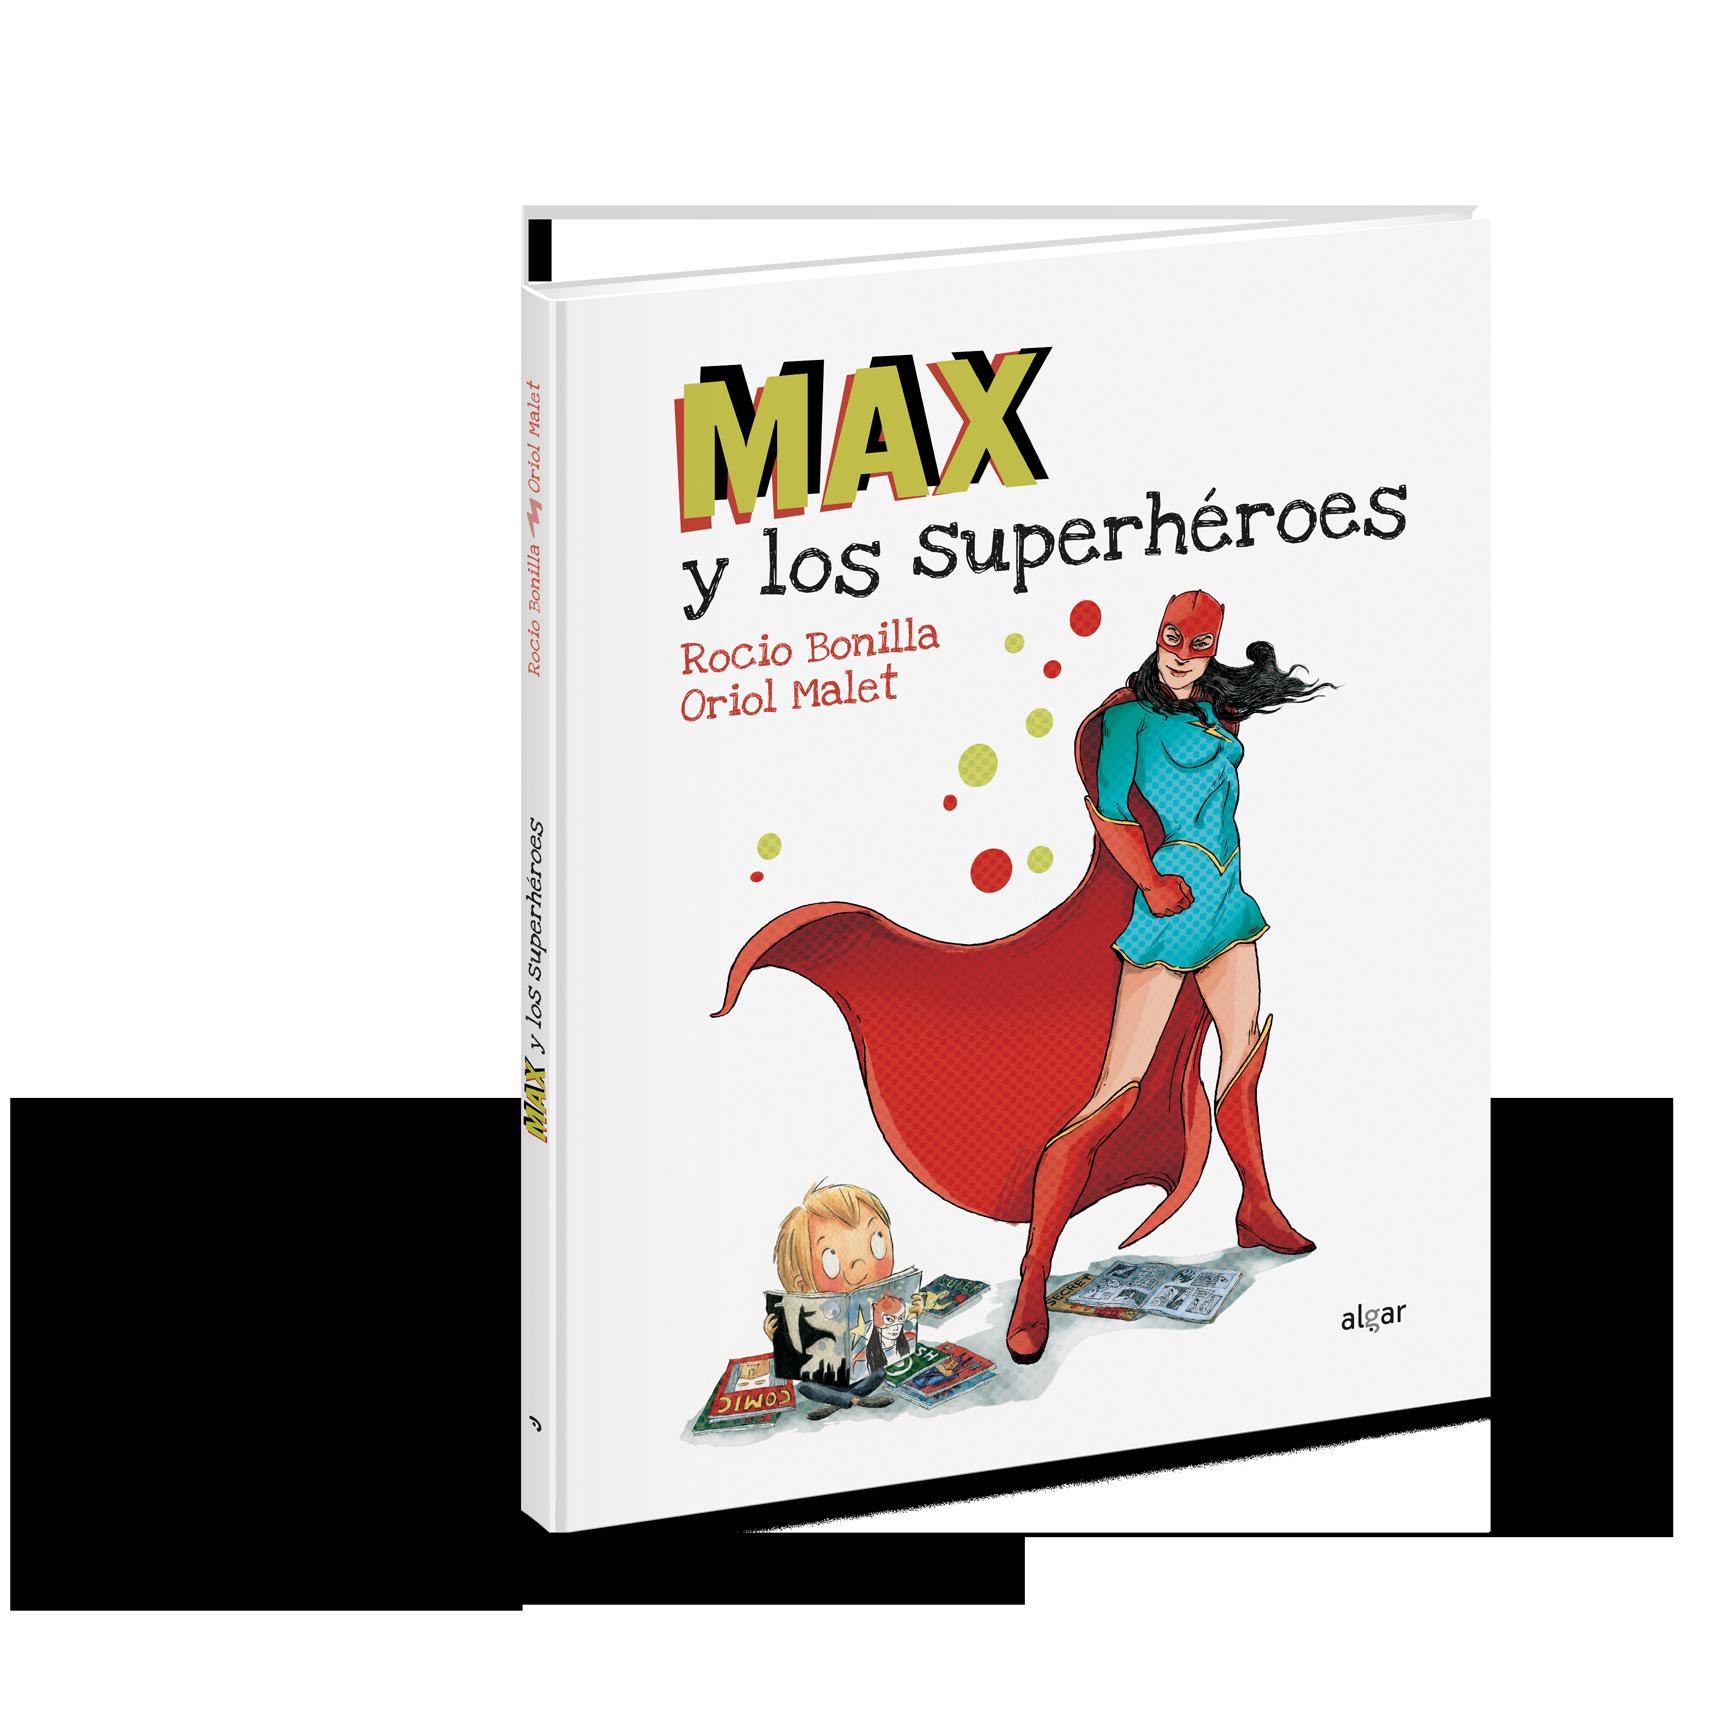 Max-y-los-superheroes_240x300_ESP.png